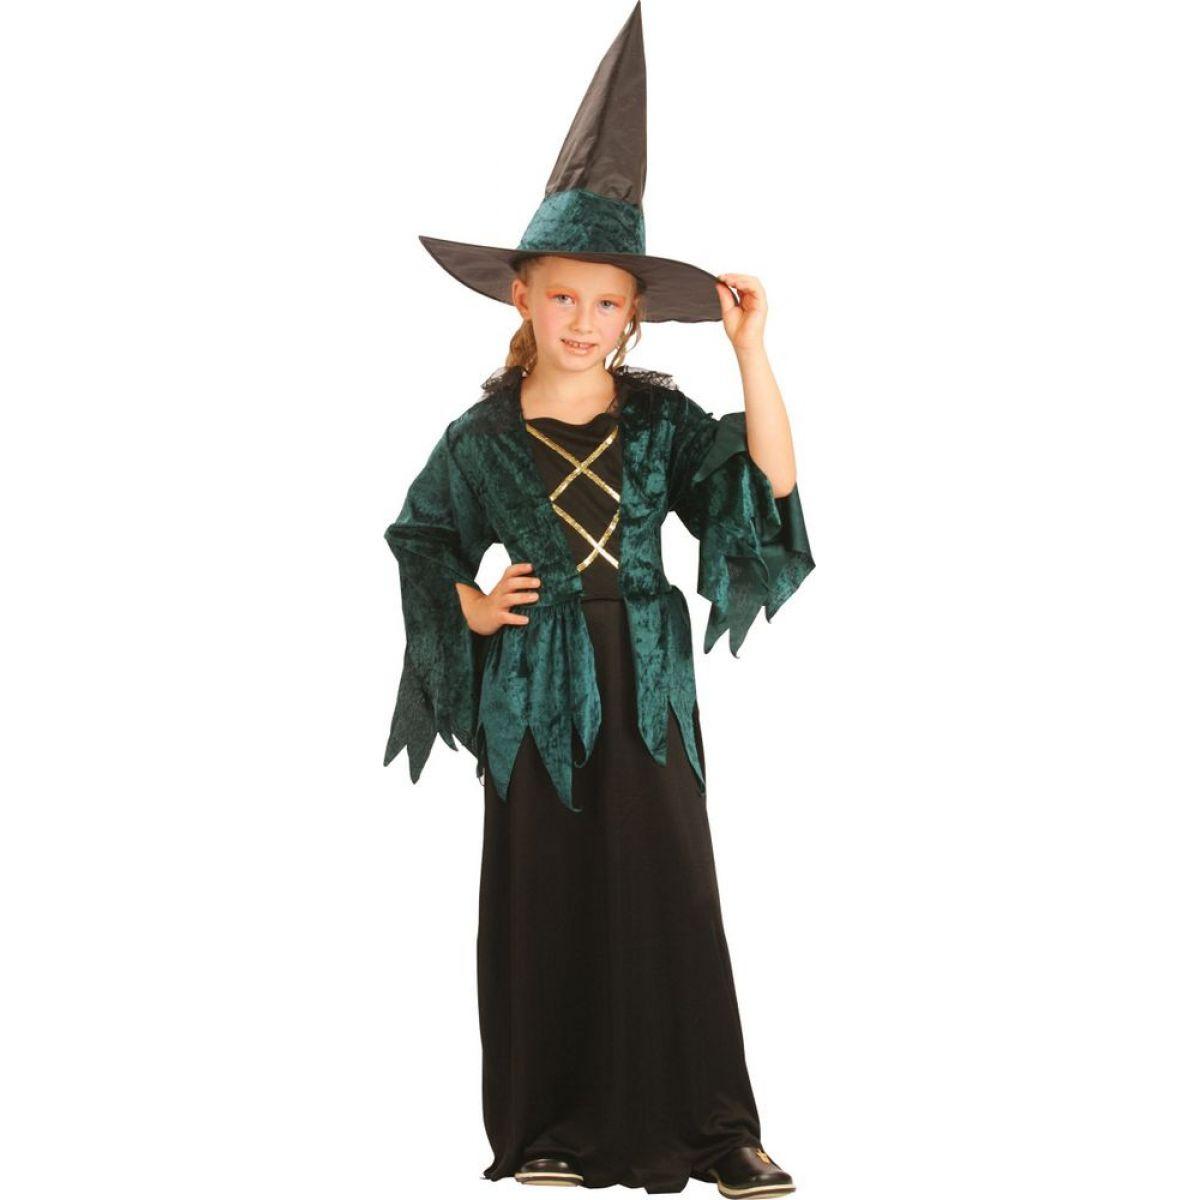 Made Dětský kostým Čarodějnice vel. M 120-130 cm